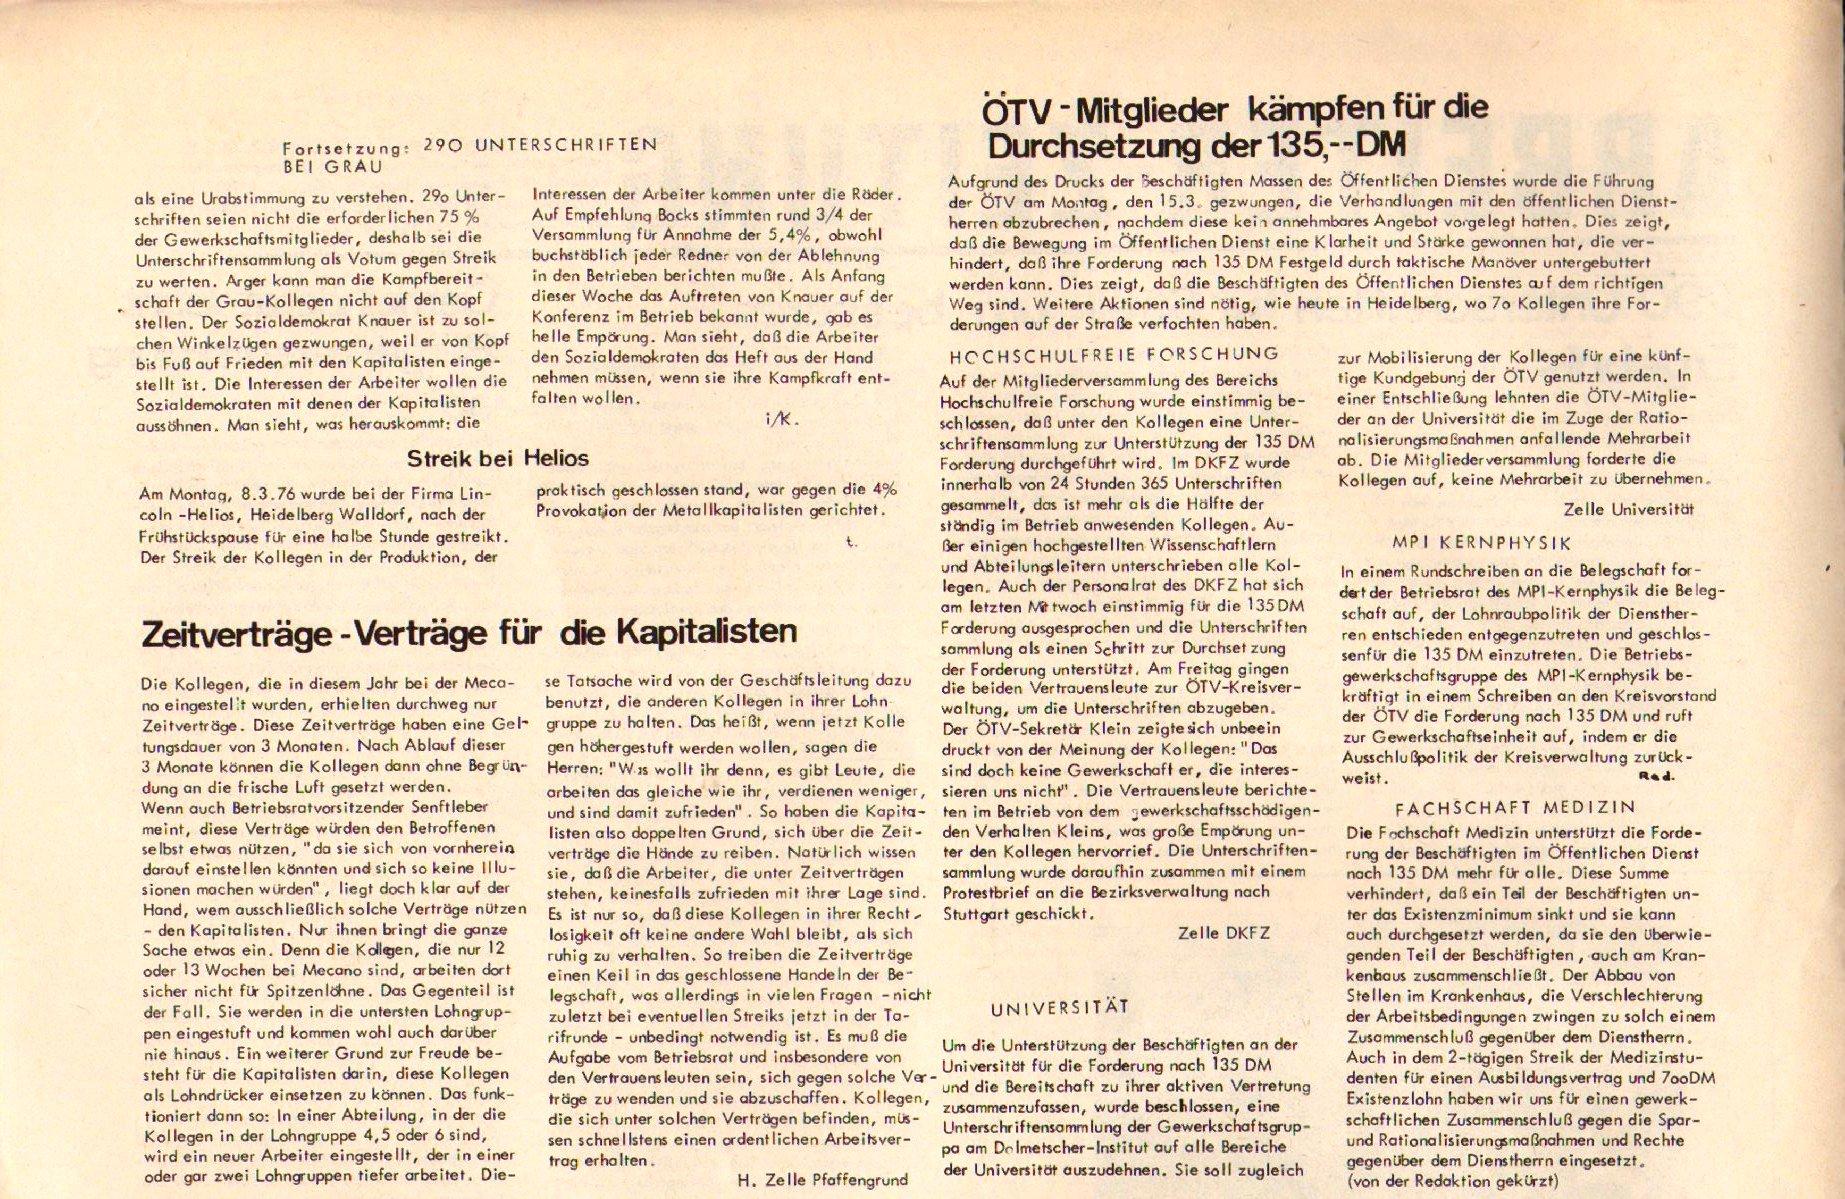 Heidelberg_KBW_AZ313